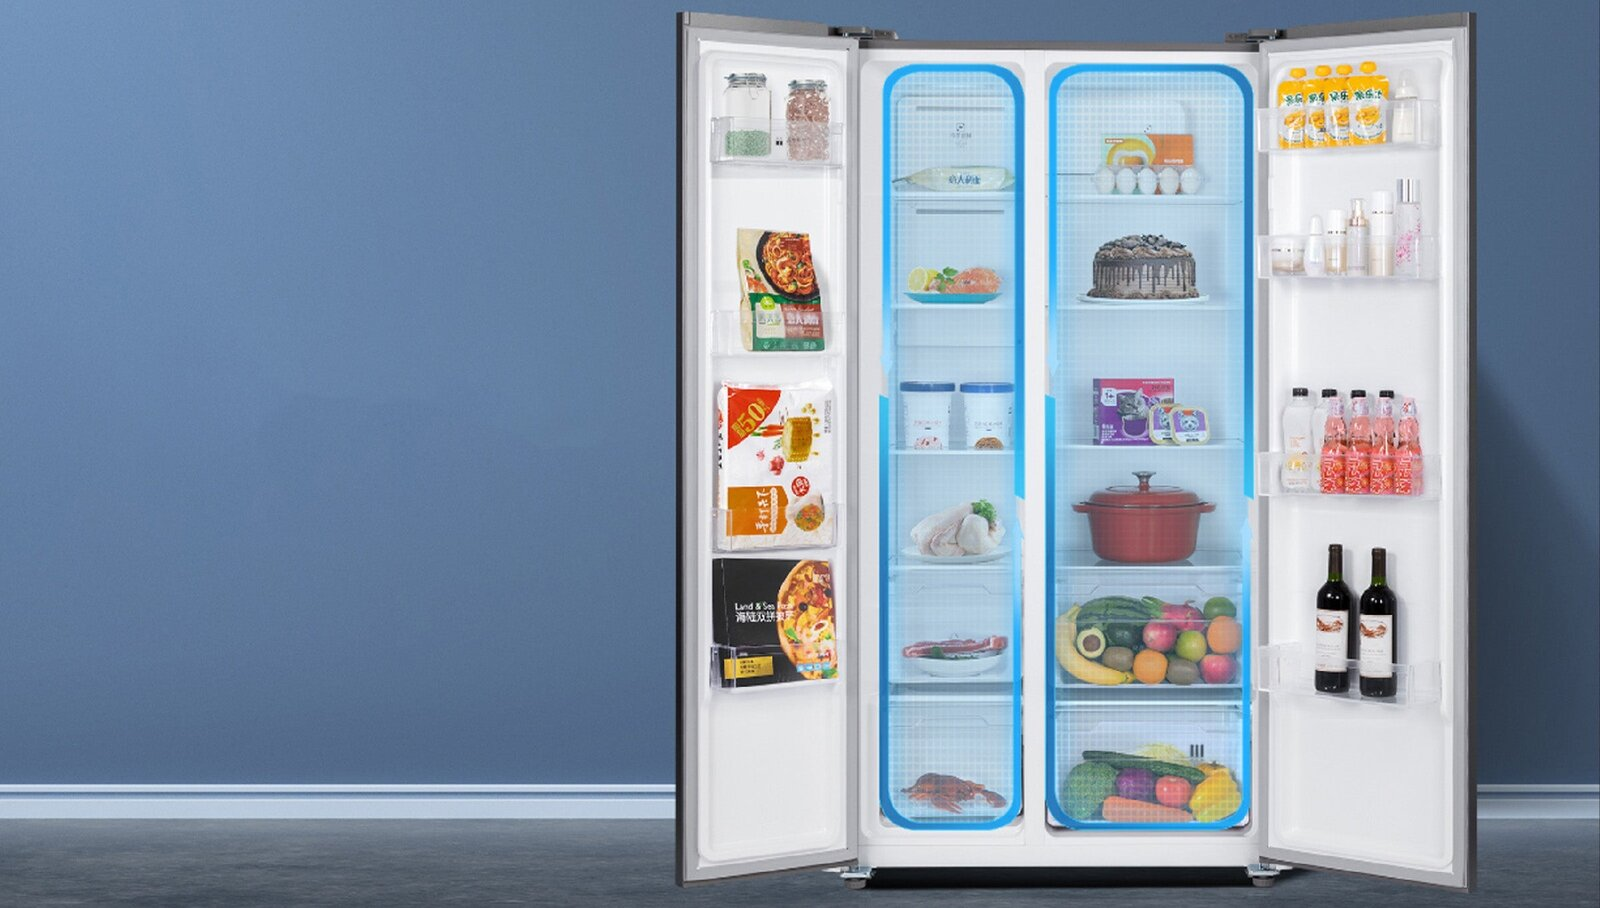 Réfrigérateur Xiaomi ouvert